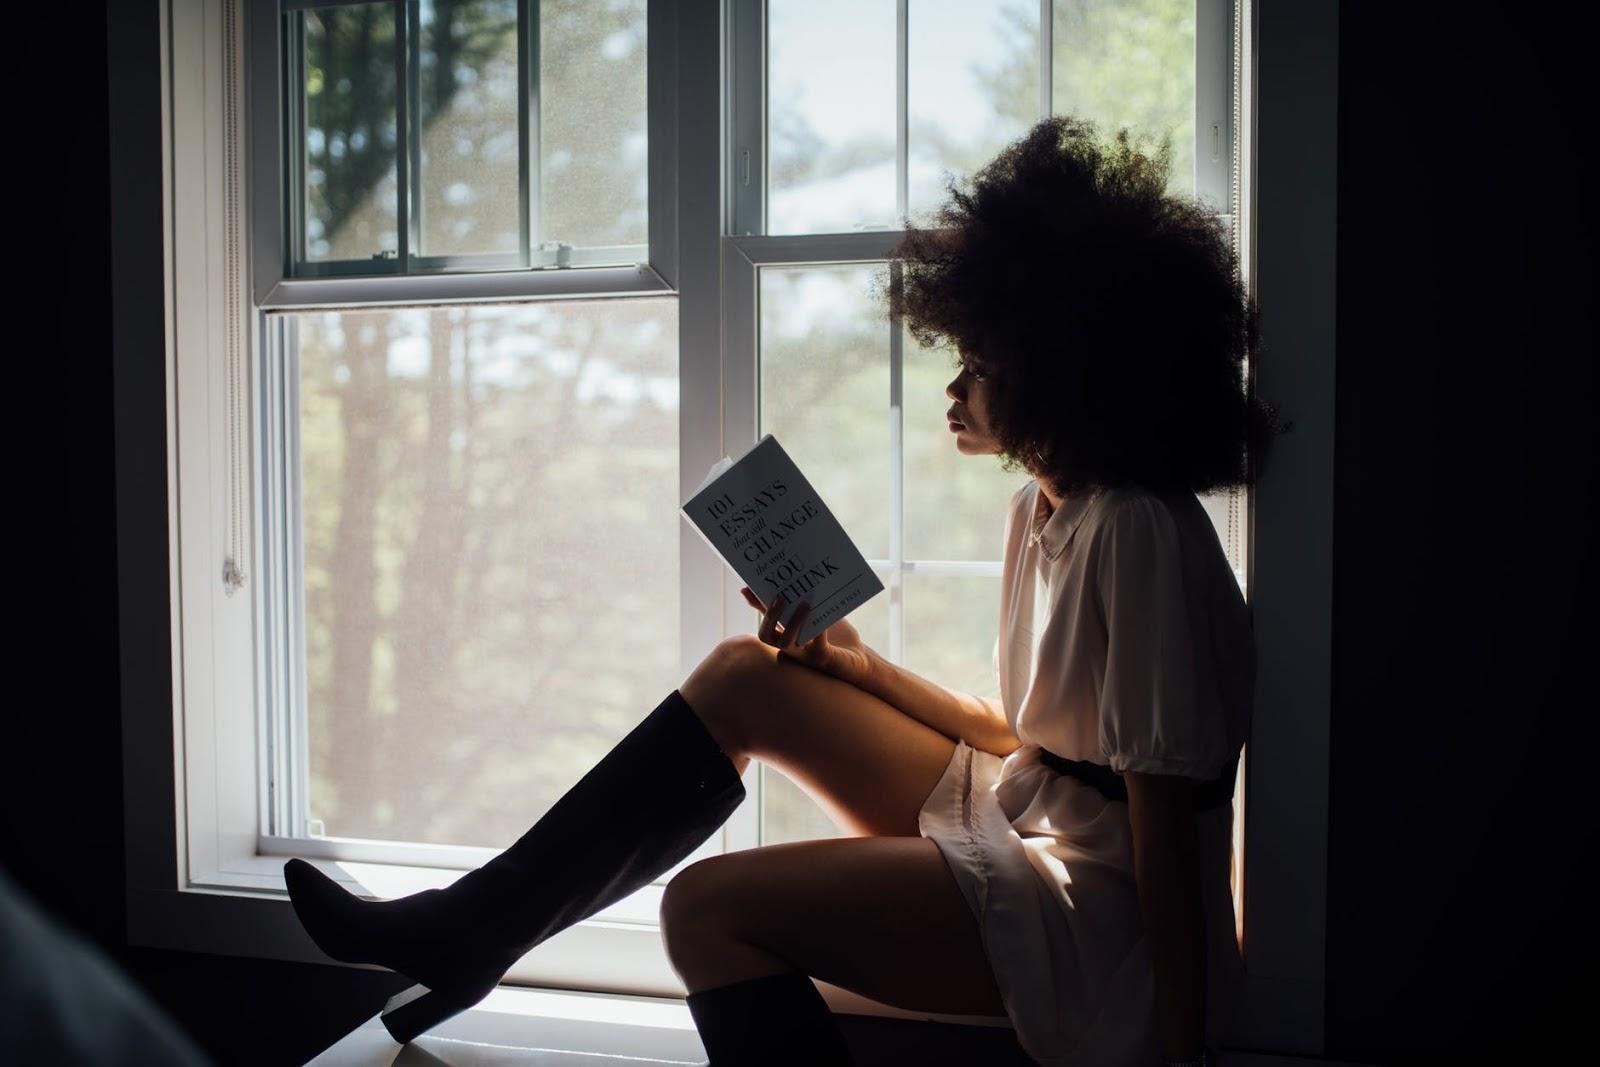 Woman reading alone on a windowsill